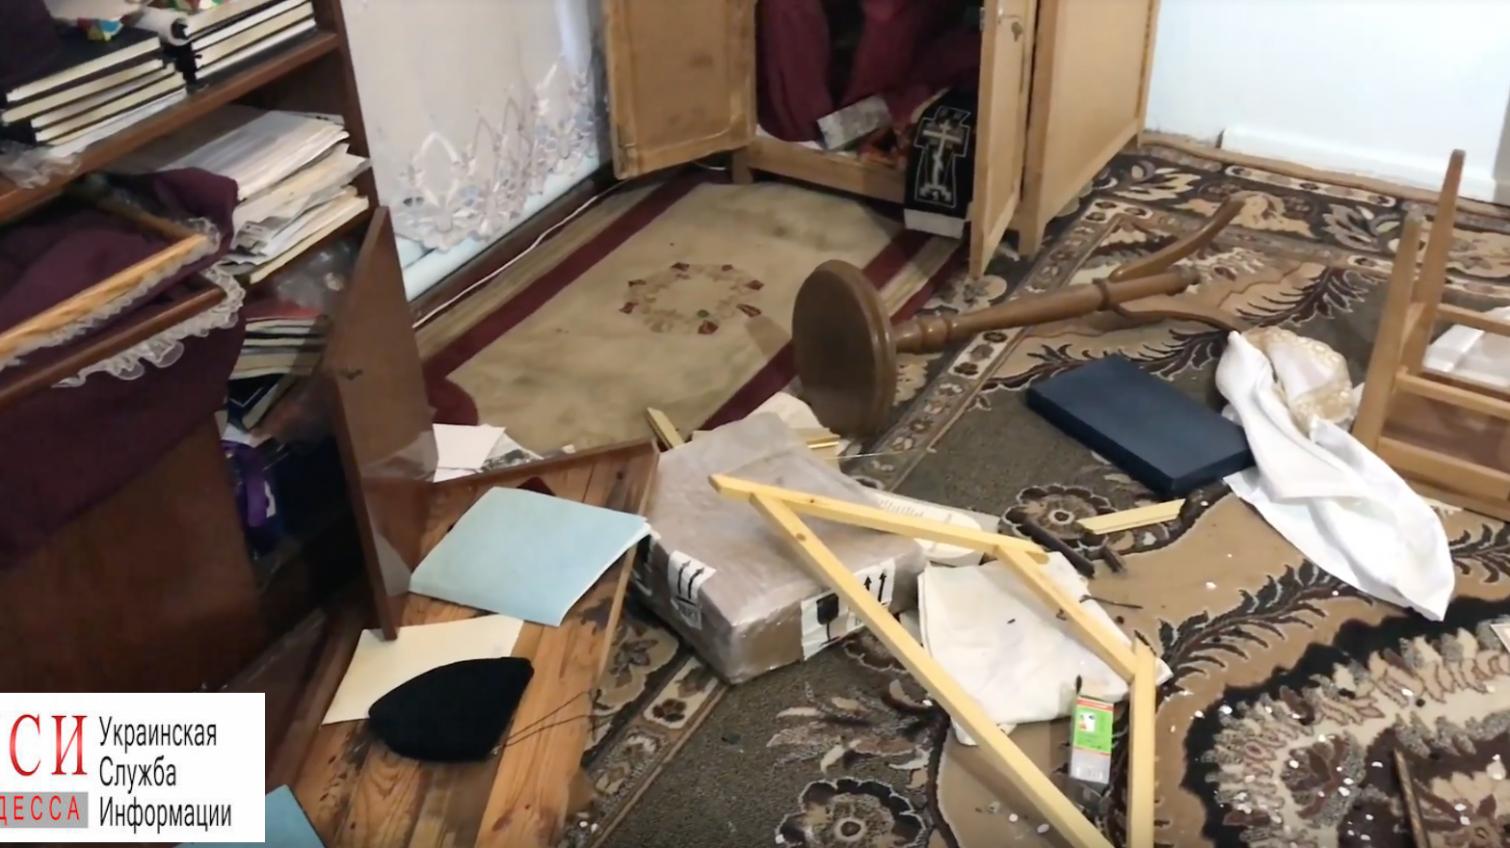 Вандалы осквернили православный храм в Черноморске (фото) «фото»